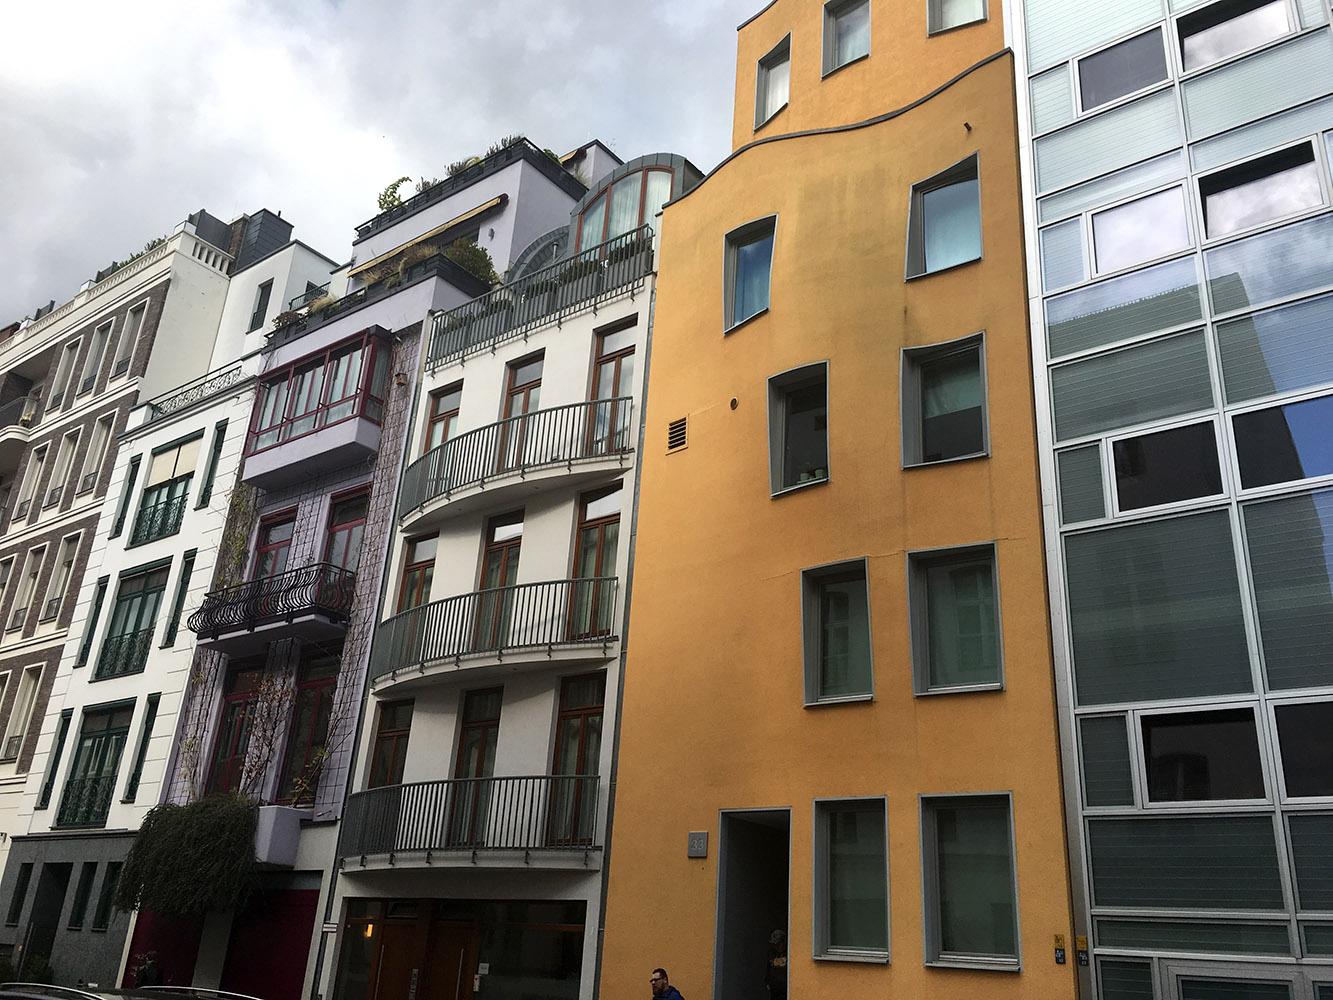 Some unique apartment buildings